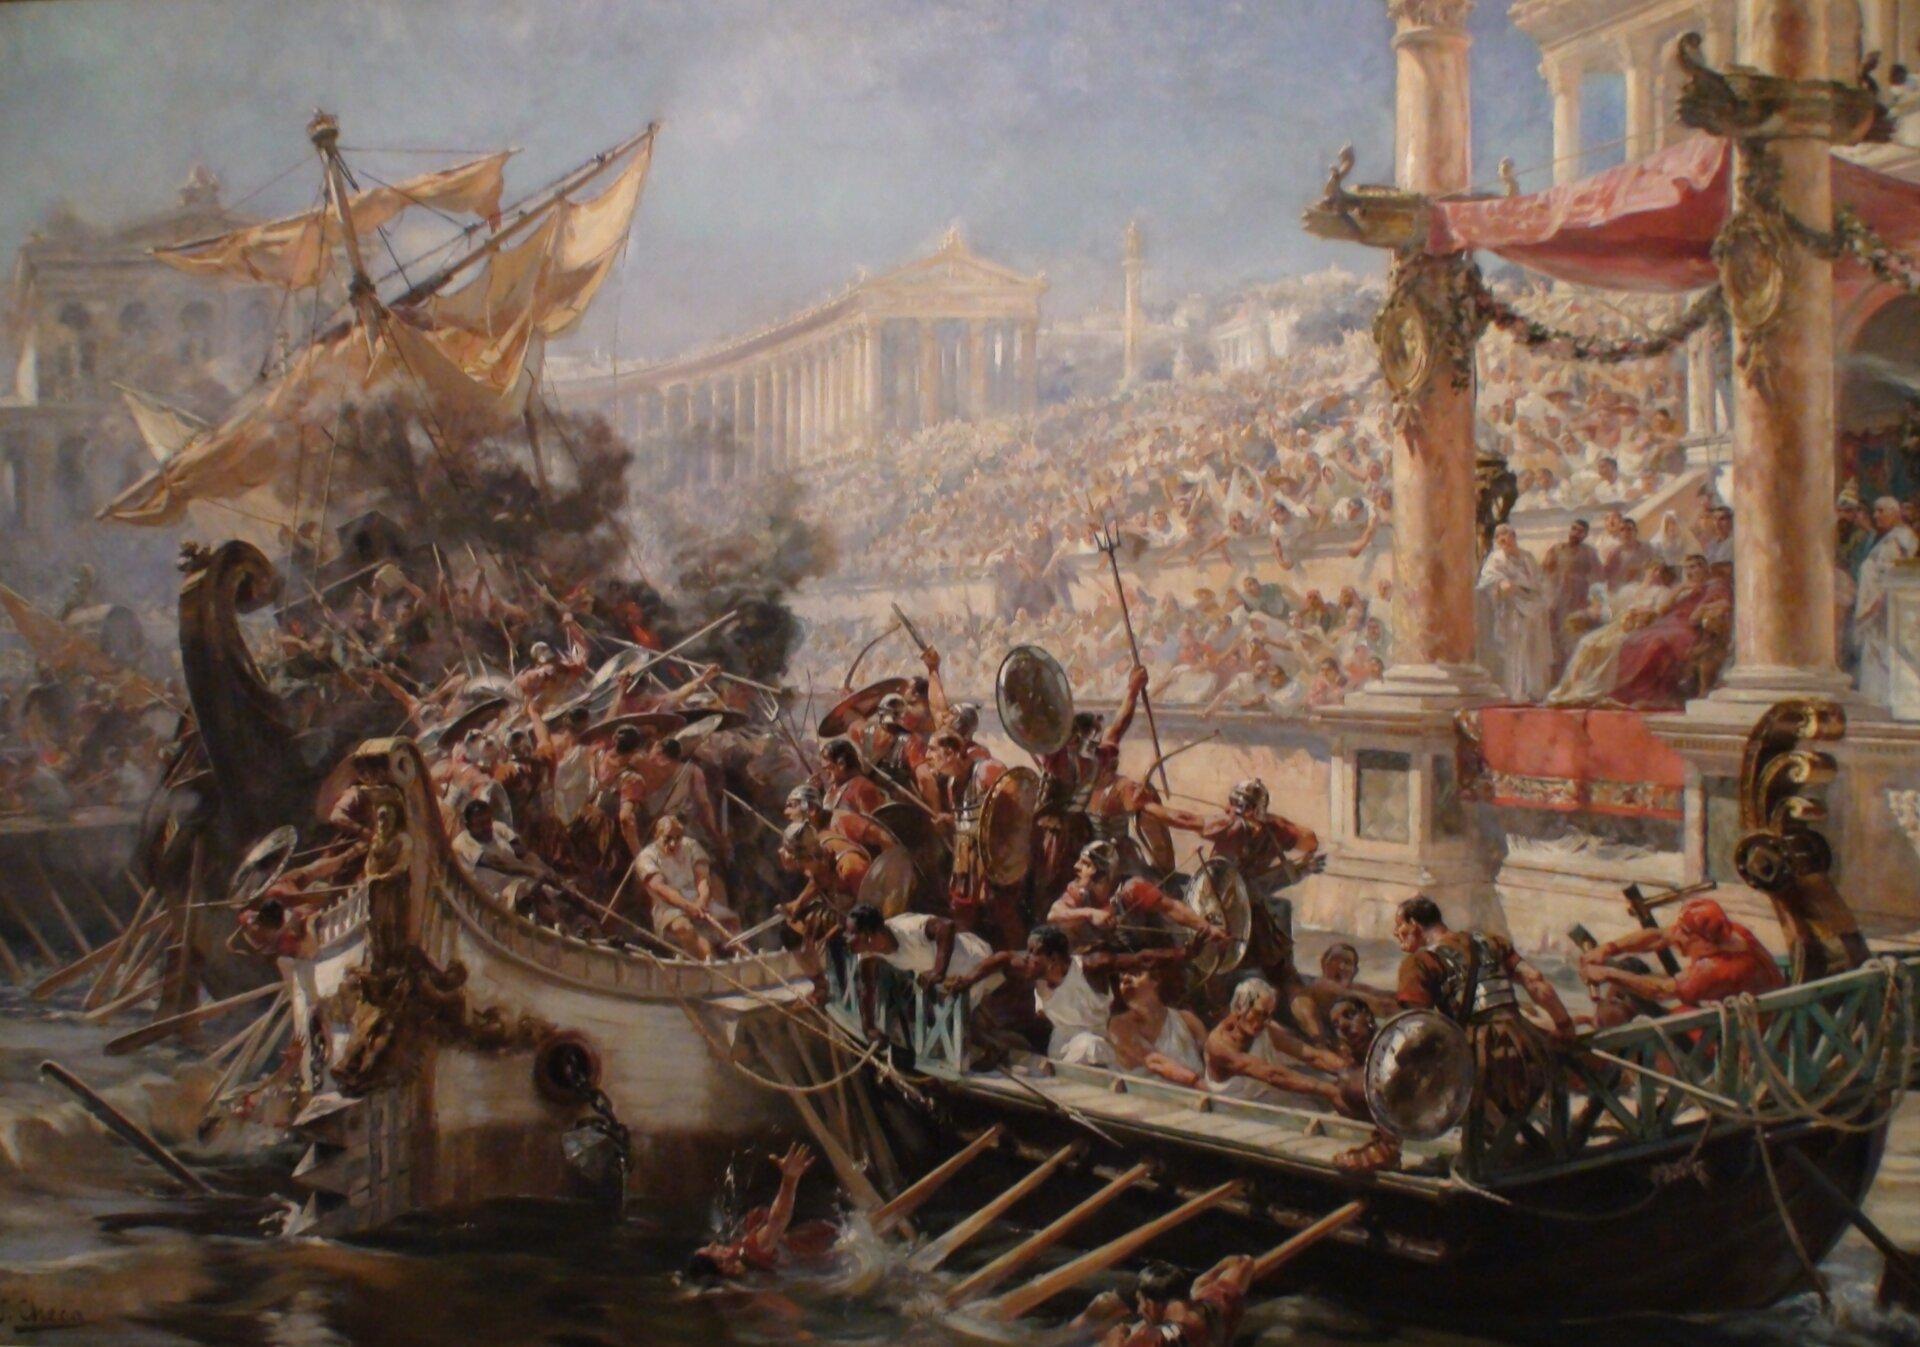 Ilustracja przedstawia obraz Ulpiano Checa pod tytułem Naumachia. Ukazuje ona walkę czterech statków podczas igrzysk wCircus Maximus. Statki wypełnione są uzbrojonymi gladiatorami. Całość ztrybun obserwuje tłum.